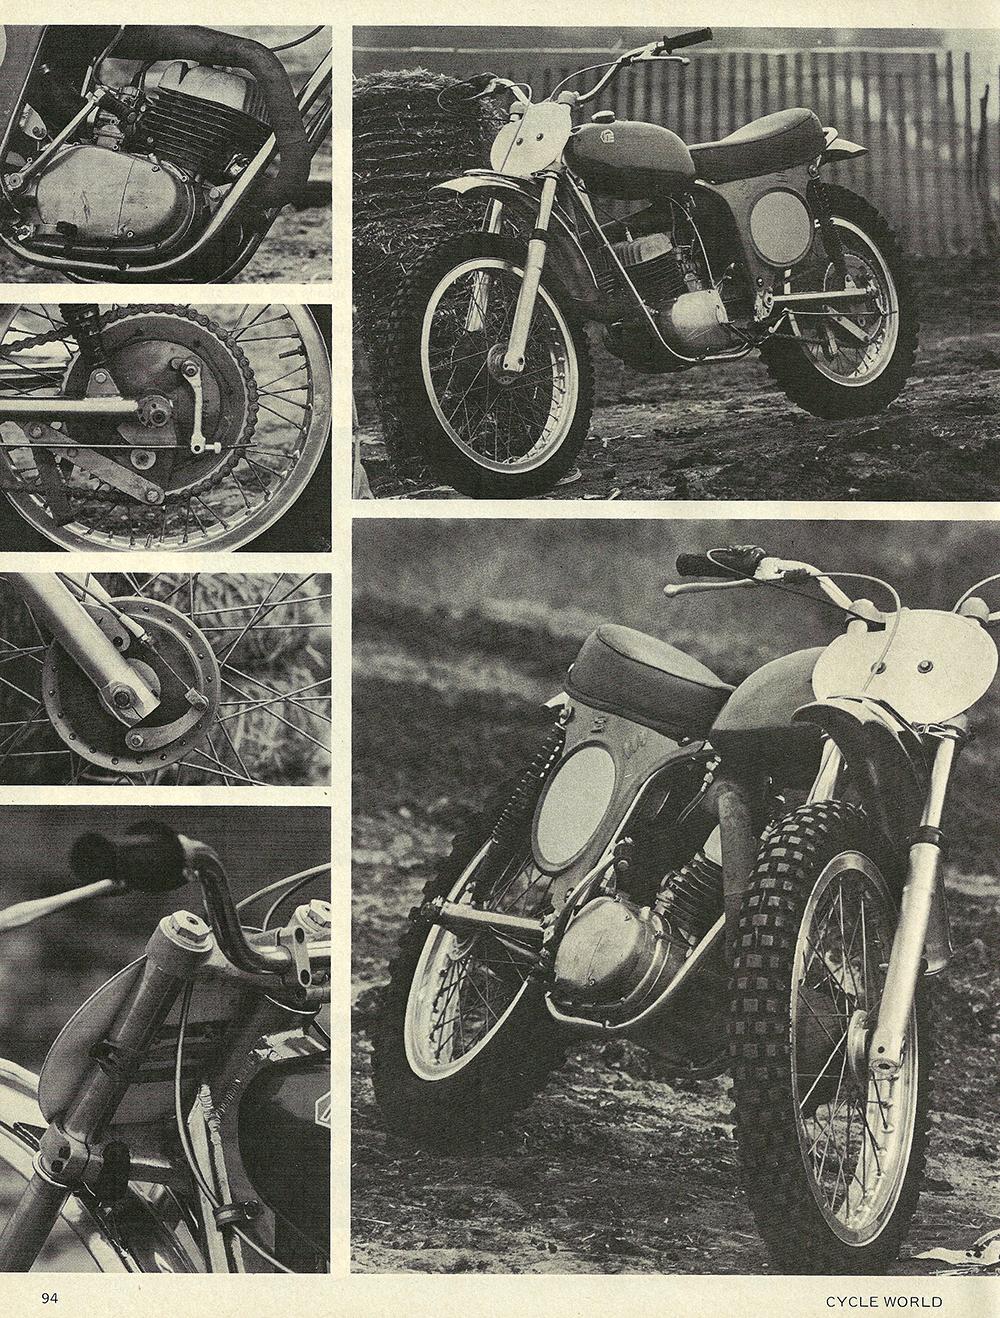 1971 Yamaha Cheney DT1 250 impression 01.jpg